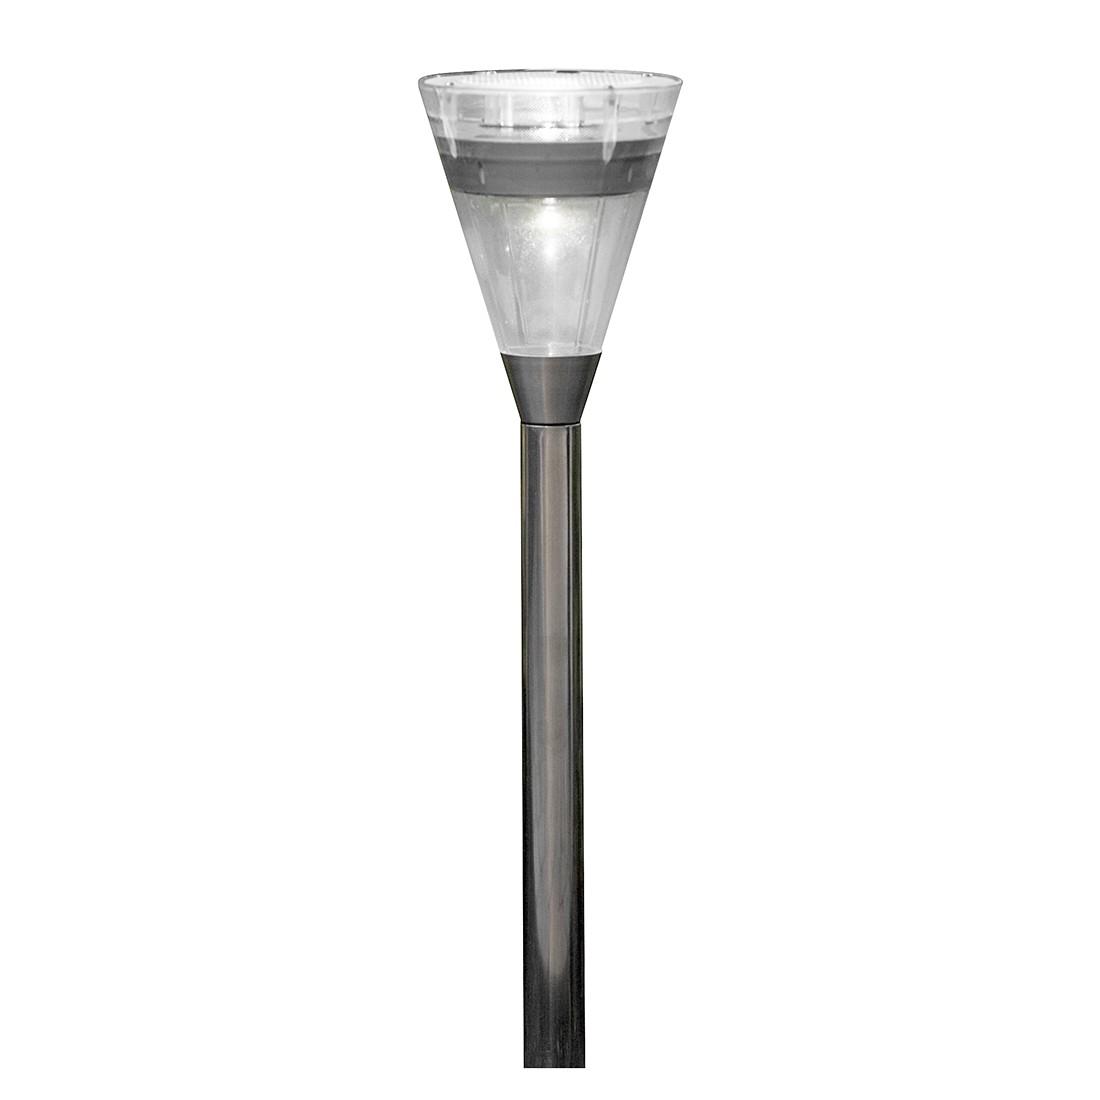 Außenleuchte Assisi Kegel ● Kunststoff/Edelstahl ● 1-flammig- Konstsmide A+